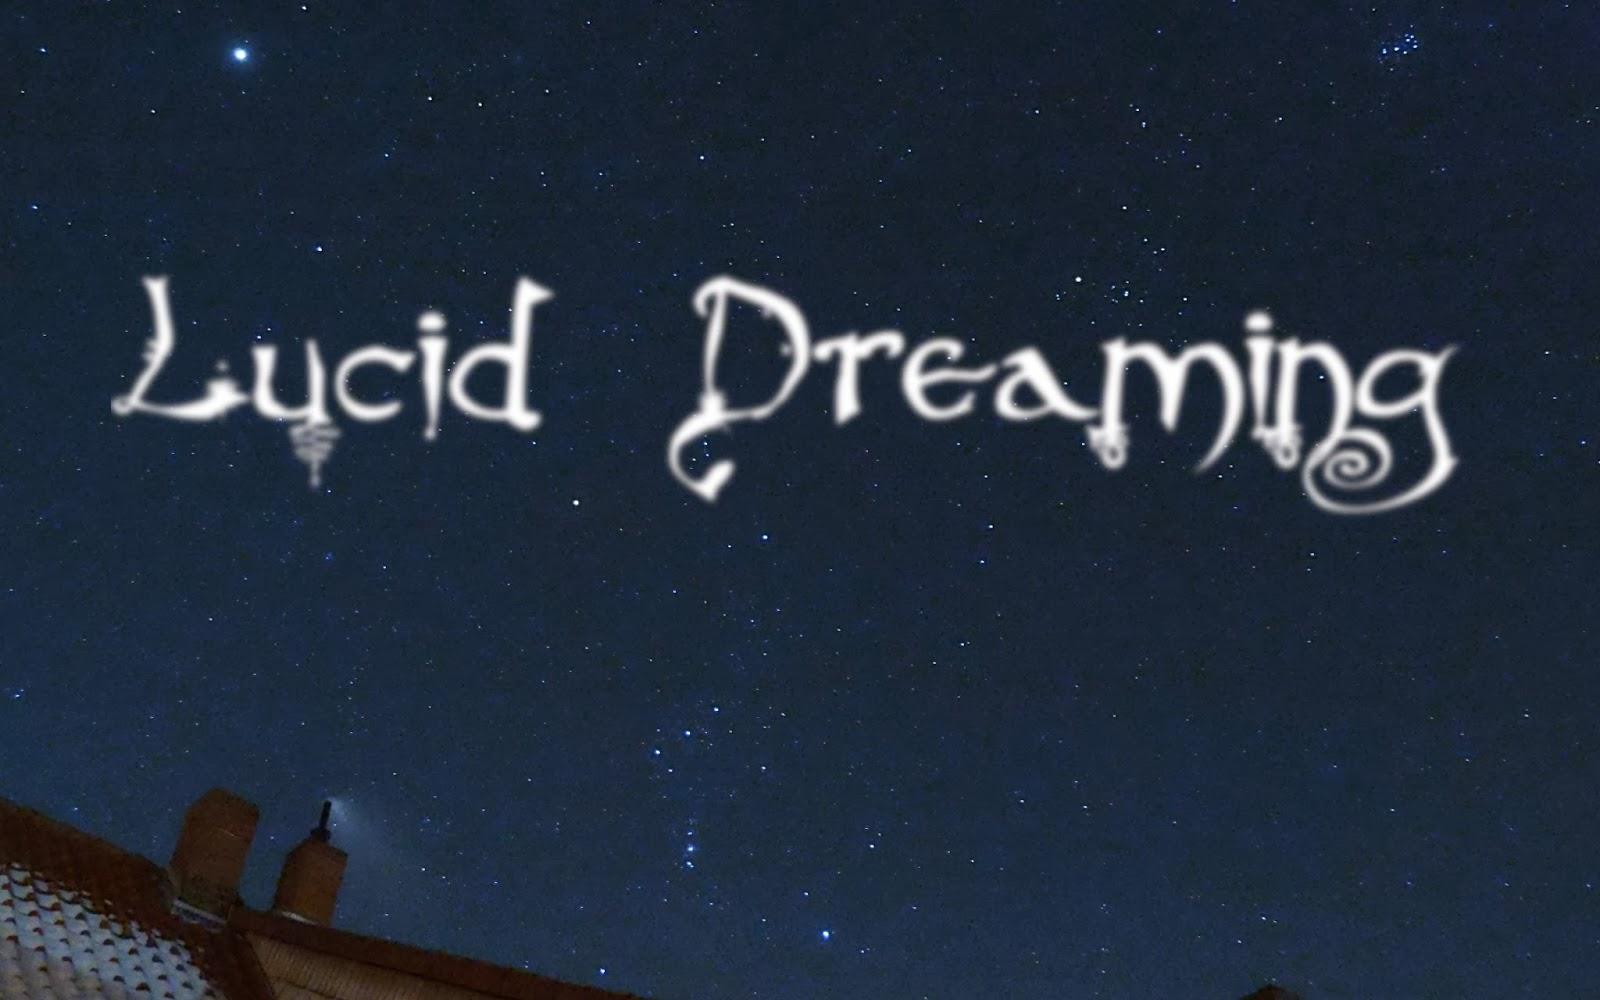 Nachthimmel mit Schriftzug: Lucid Dreaming